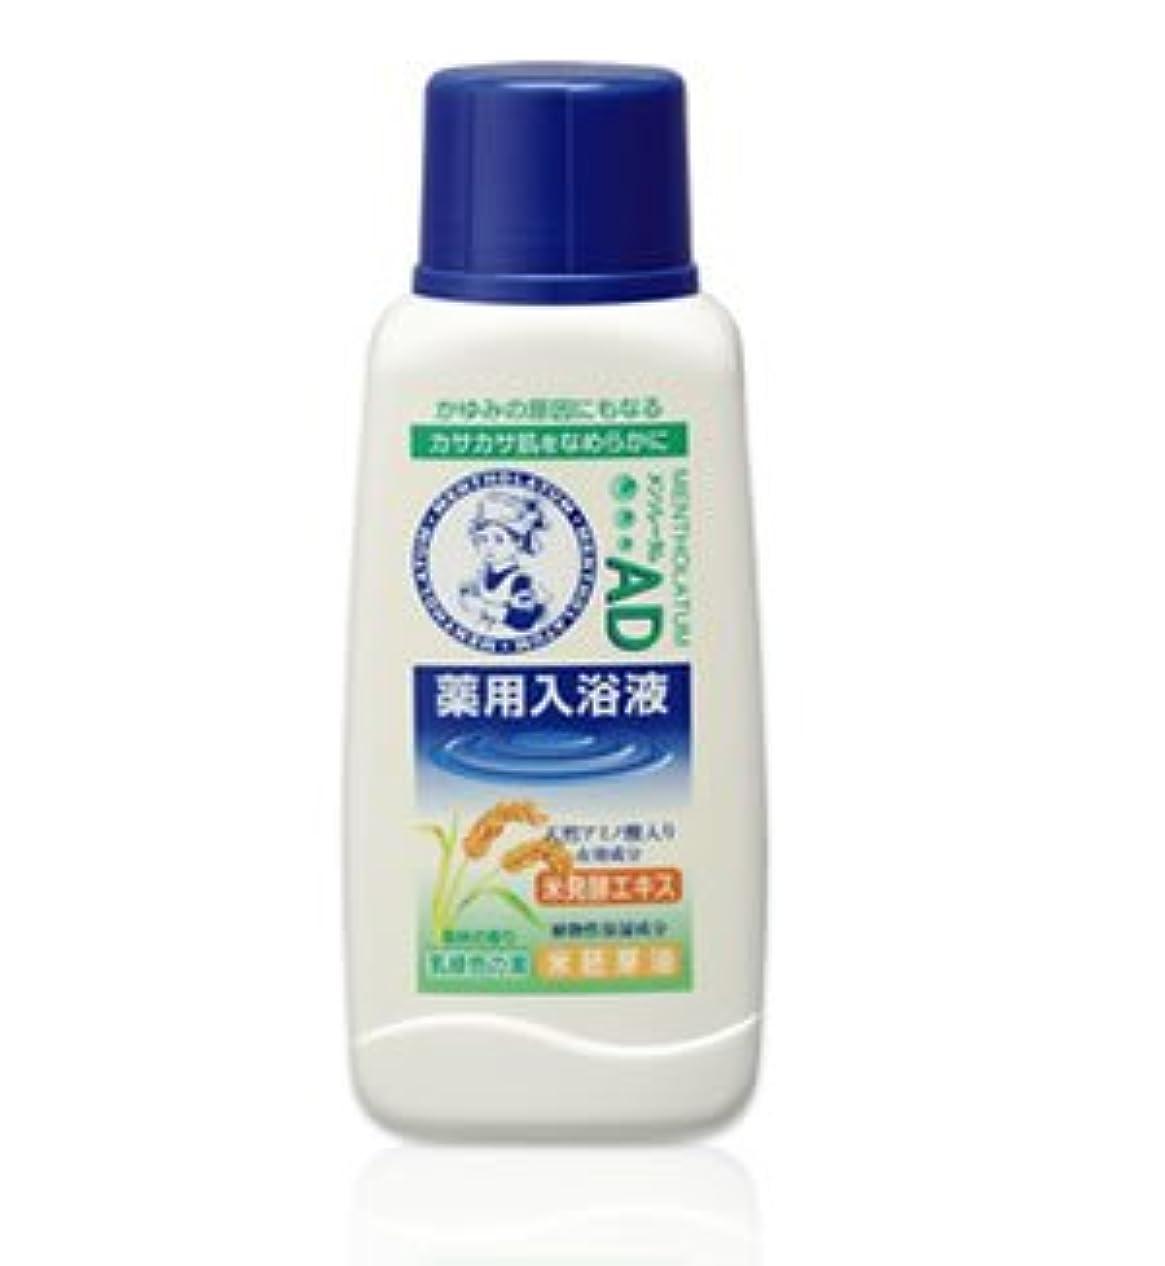 言い換えると勉強するオーク(ロート)メンソレータム AD薬用入浴剤 森林の香り720ml(医薬部外品)(お買い得3本セット)